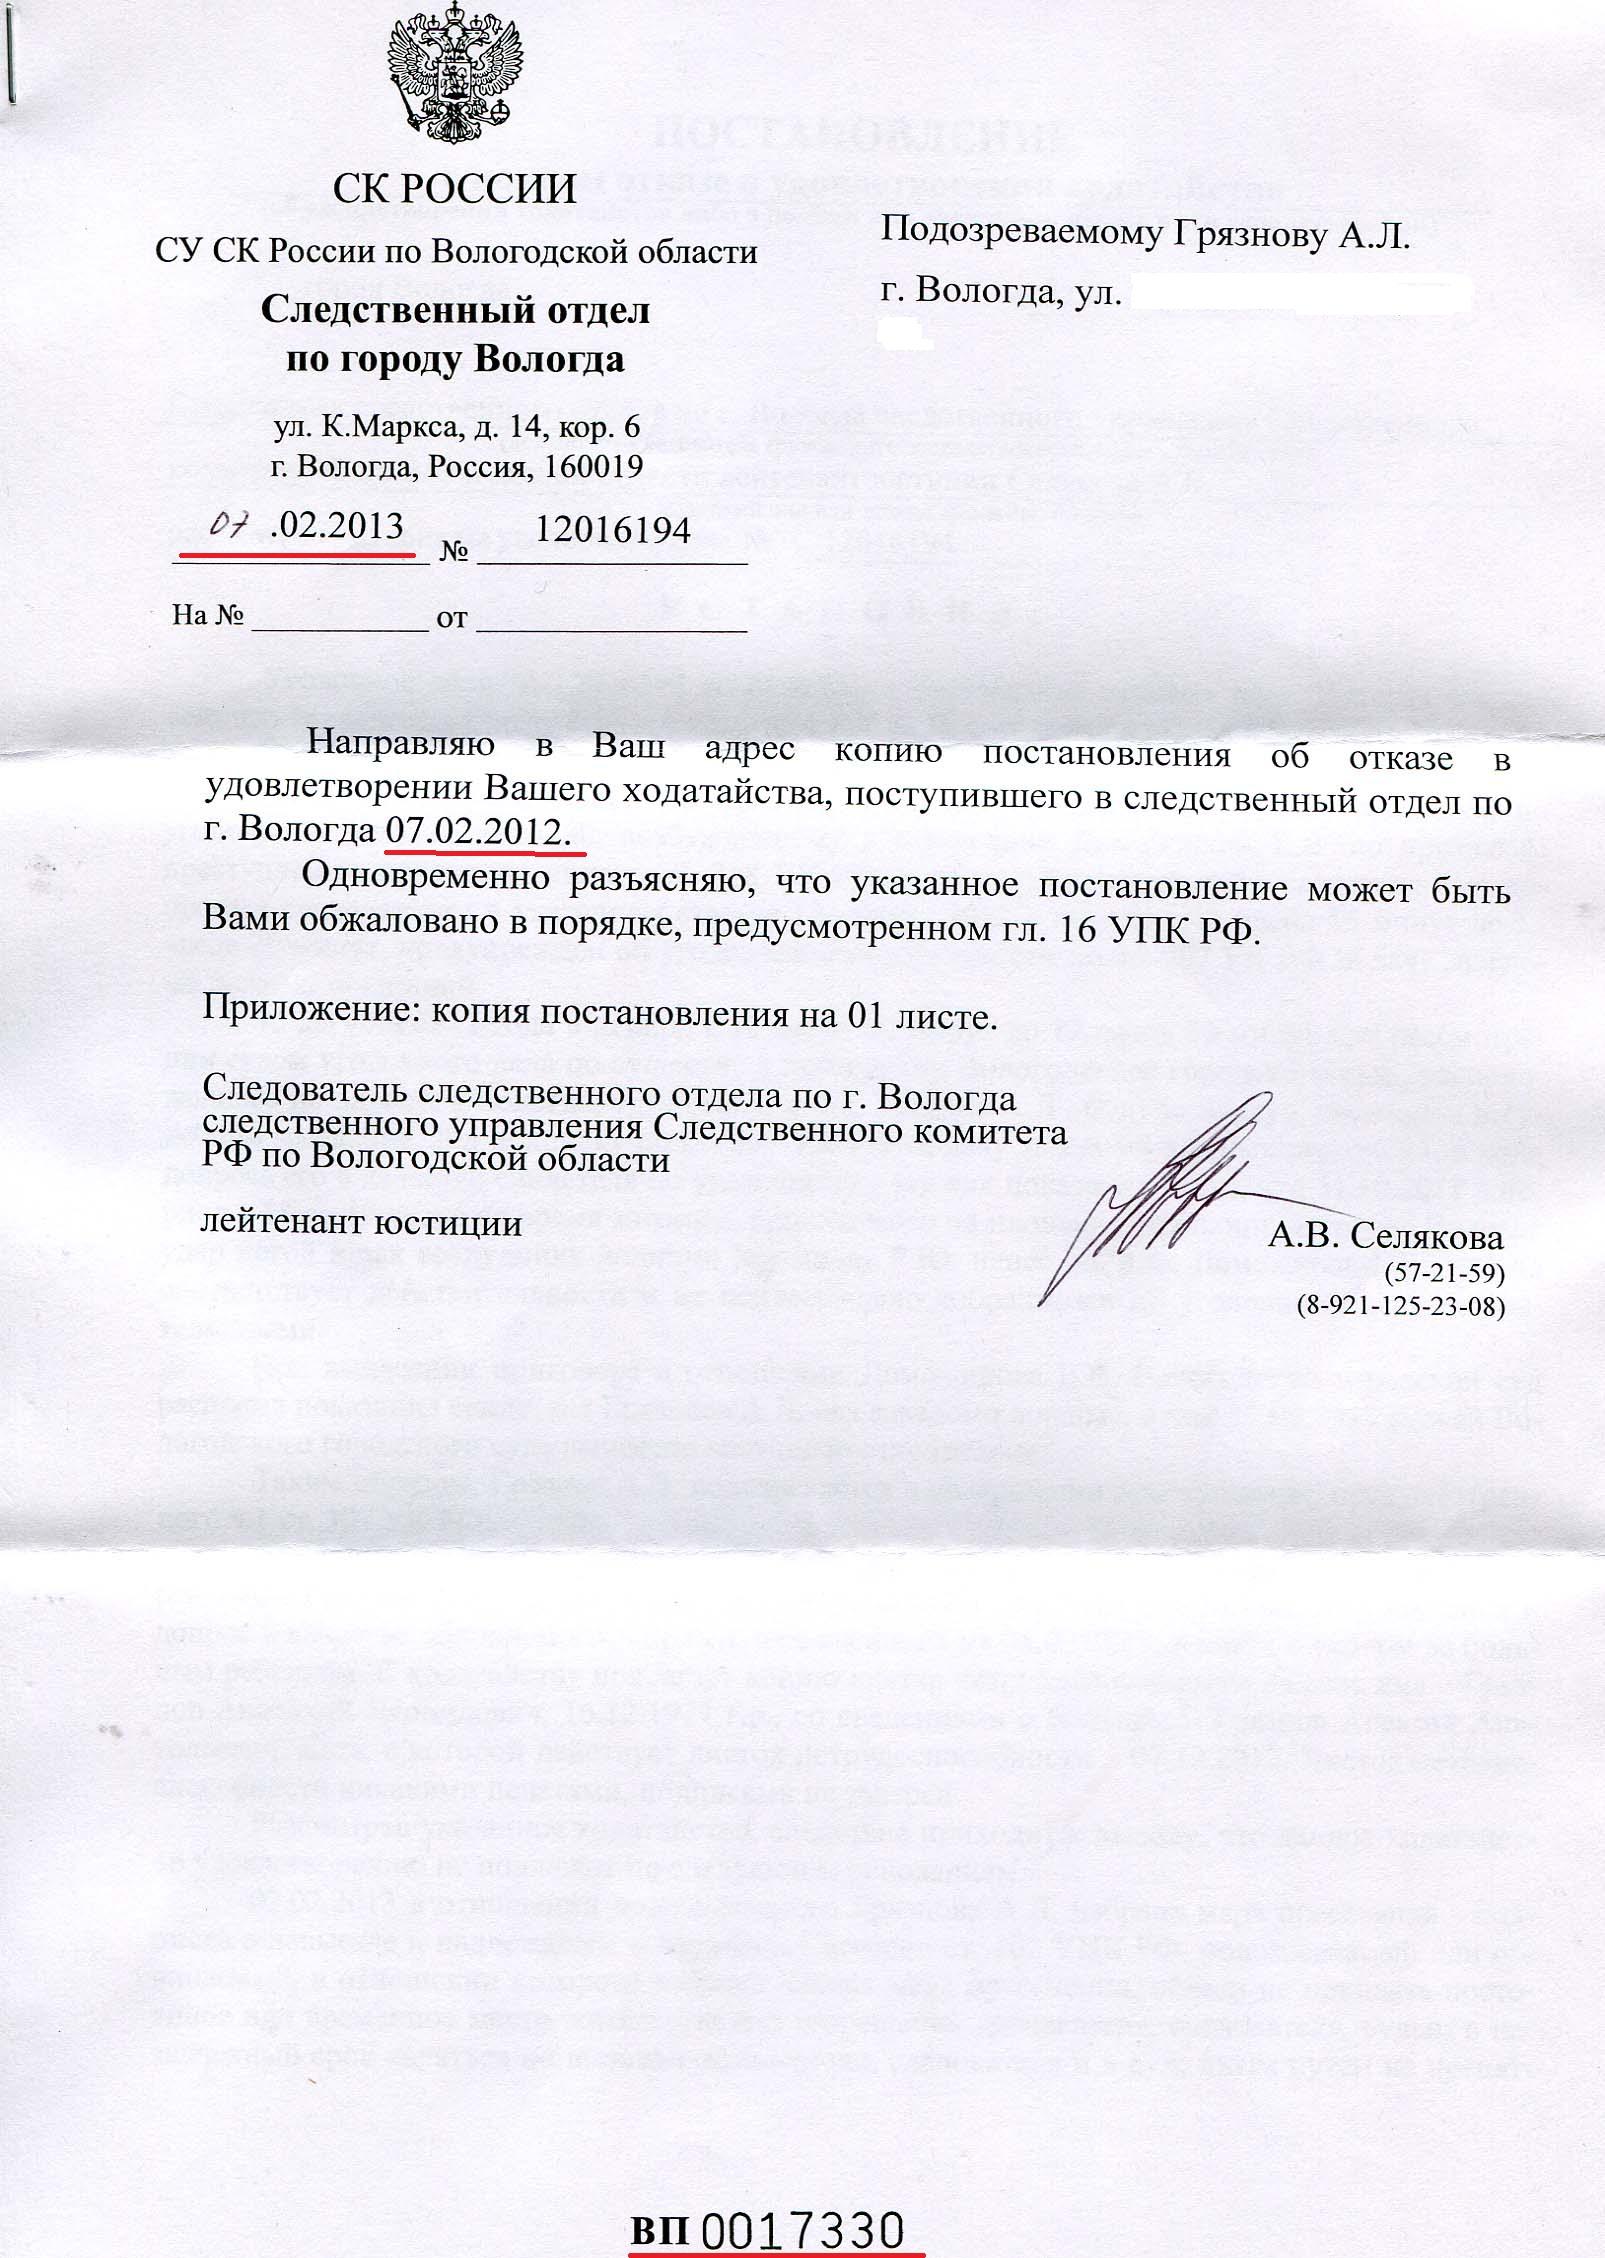 Документы от следователя Анны Селяковой от 7-го февраля, под номером ВП 0017330